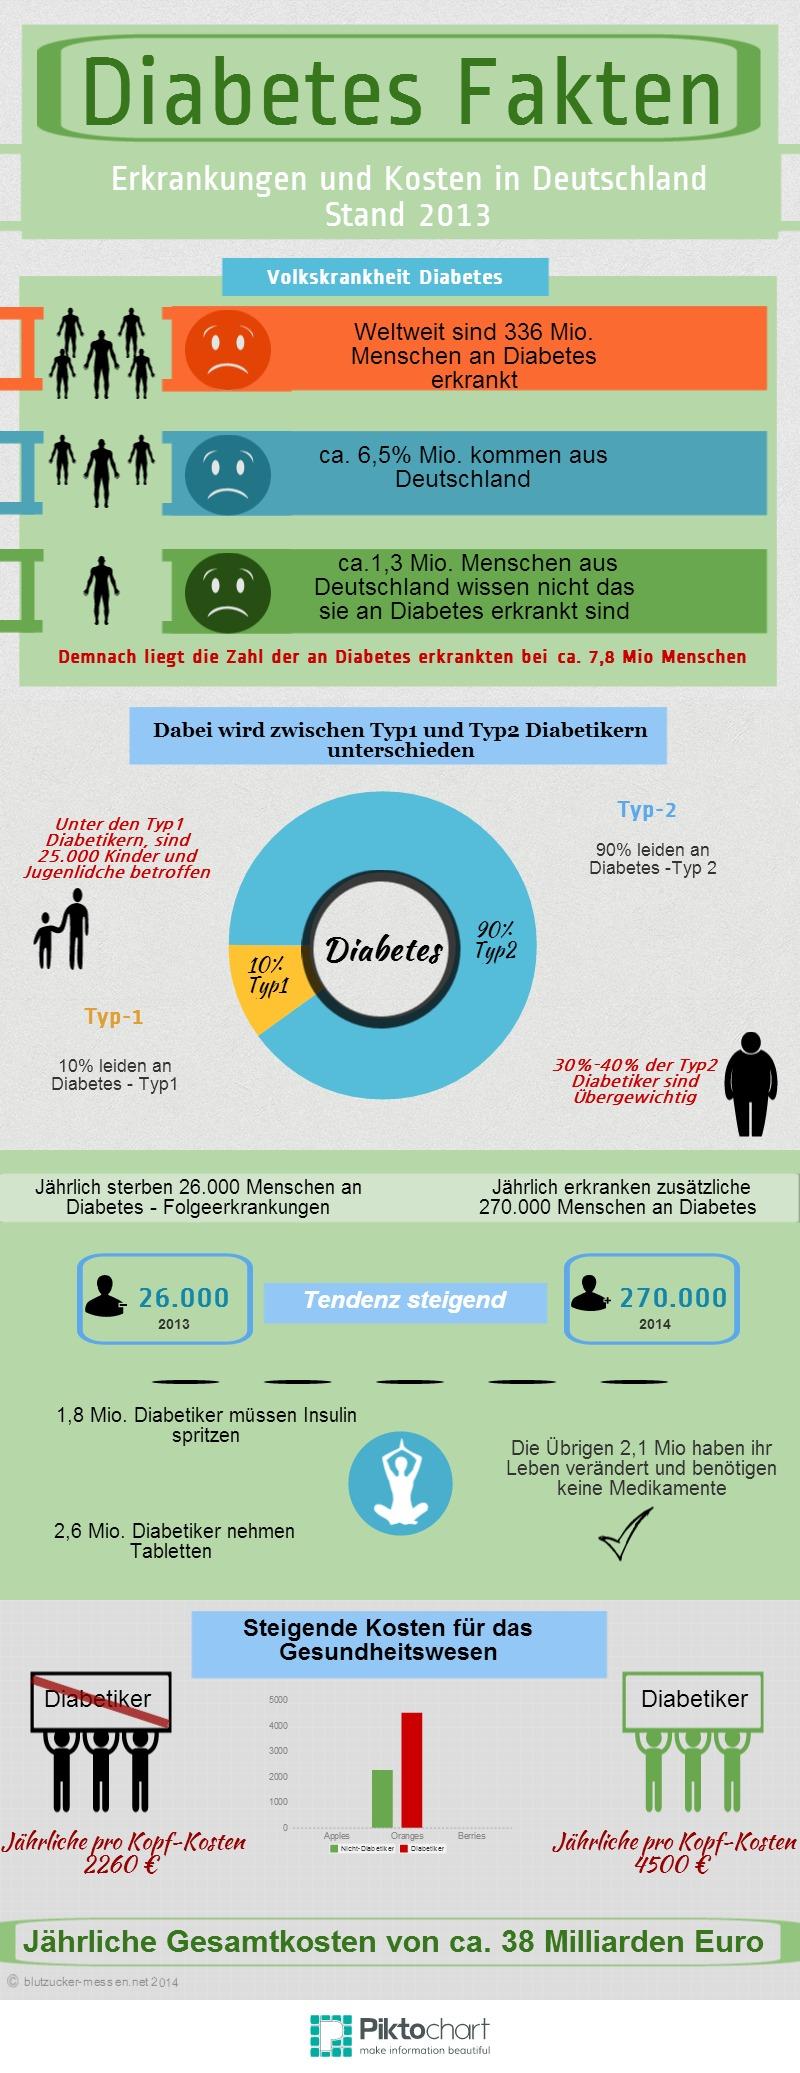 Diabetes Zahlen und Fakten für Deutschland